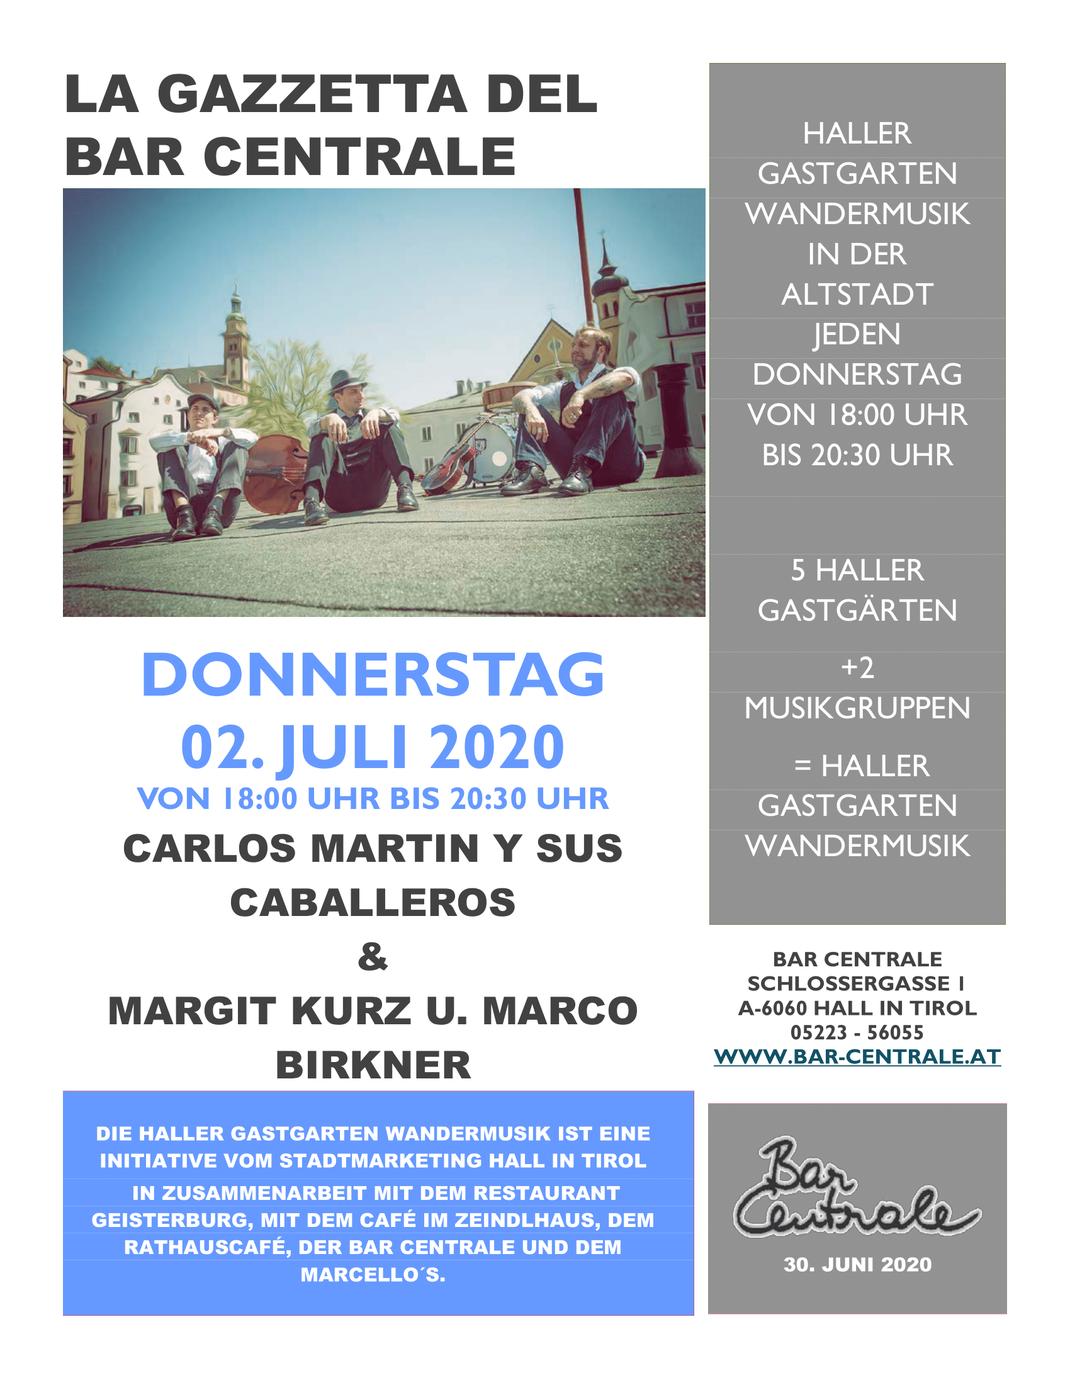 Haller Gastgarten Wandermusik in der Altstadt jeden Donnerstag von 18:00 Uhr bis 20:30 Uhr